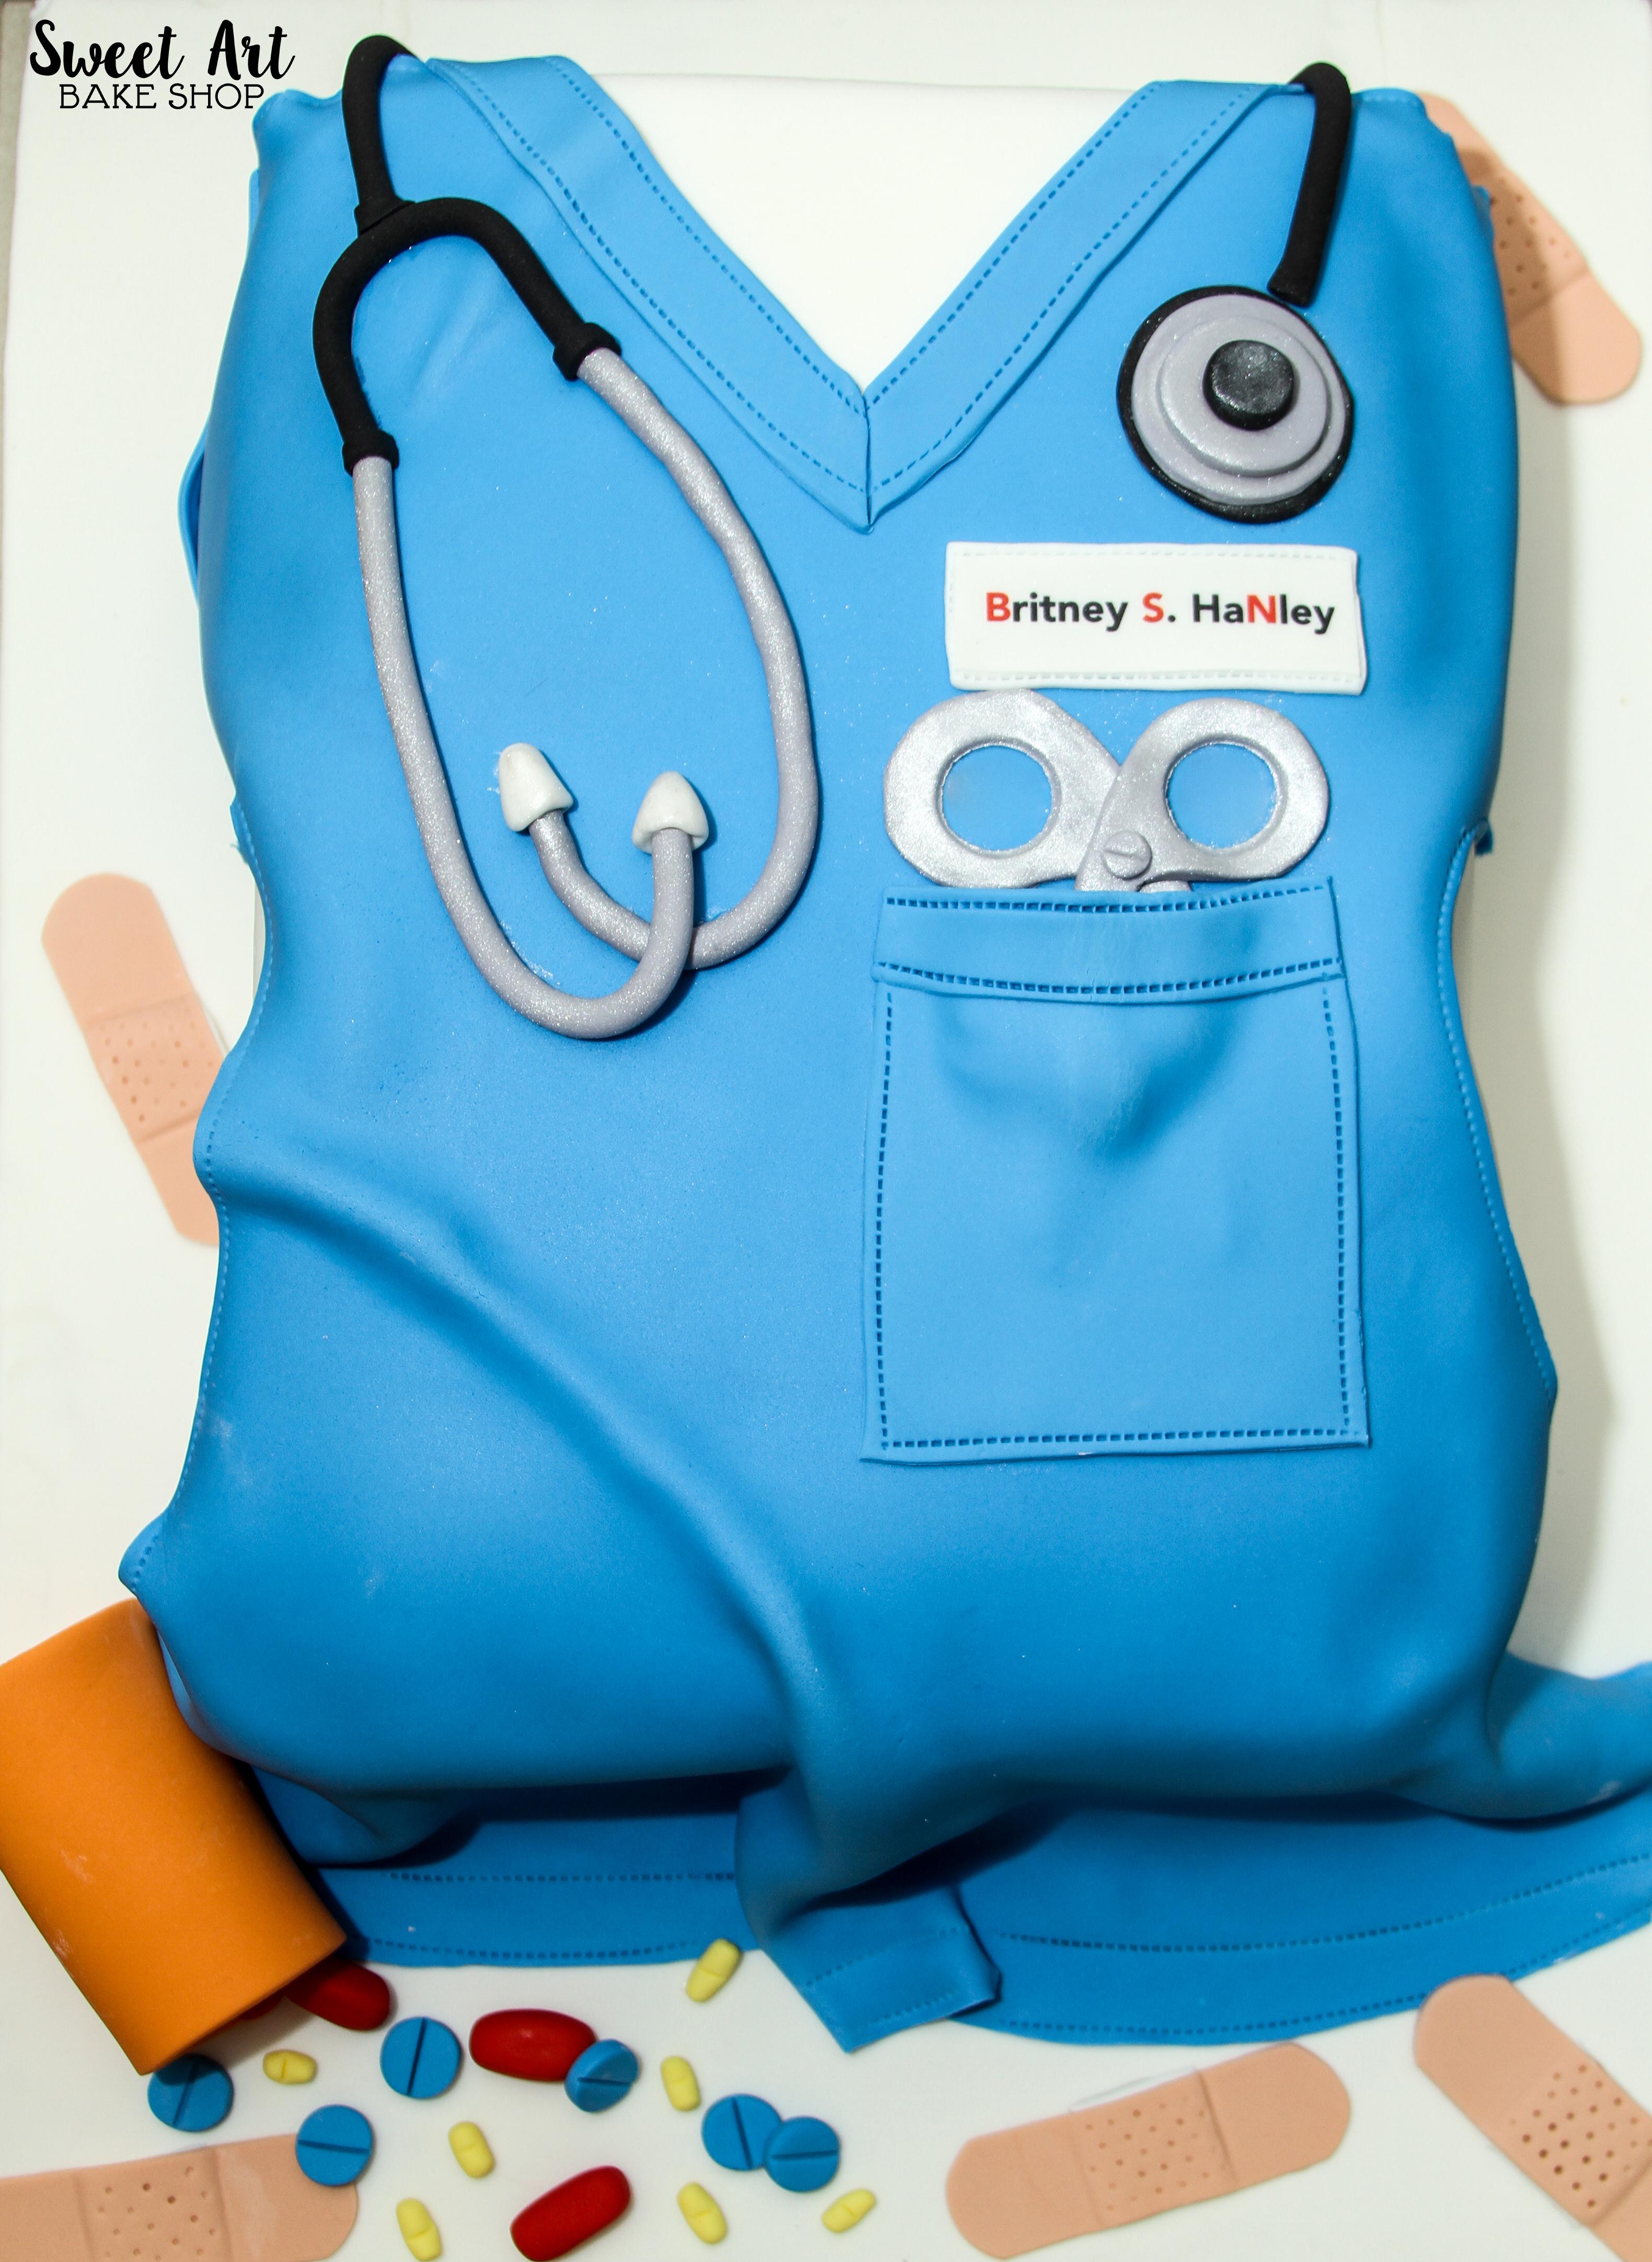 Britney's Nurse Graduation Cake